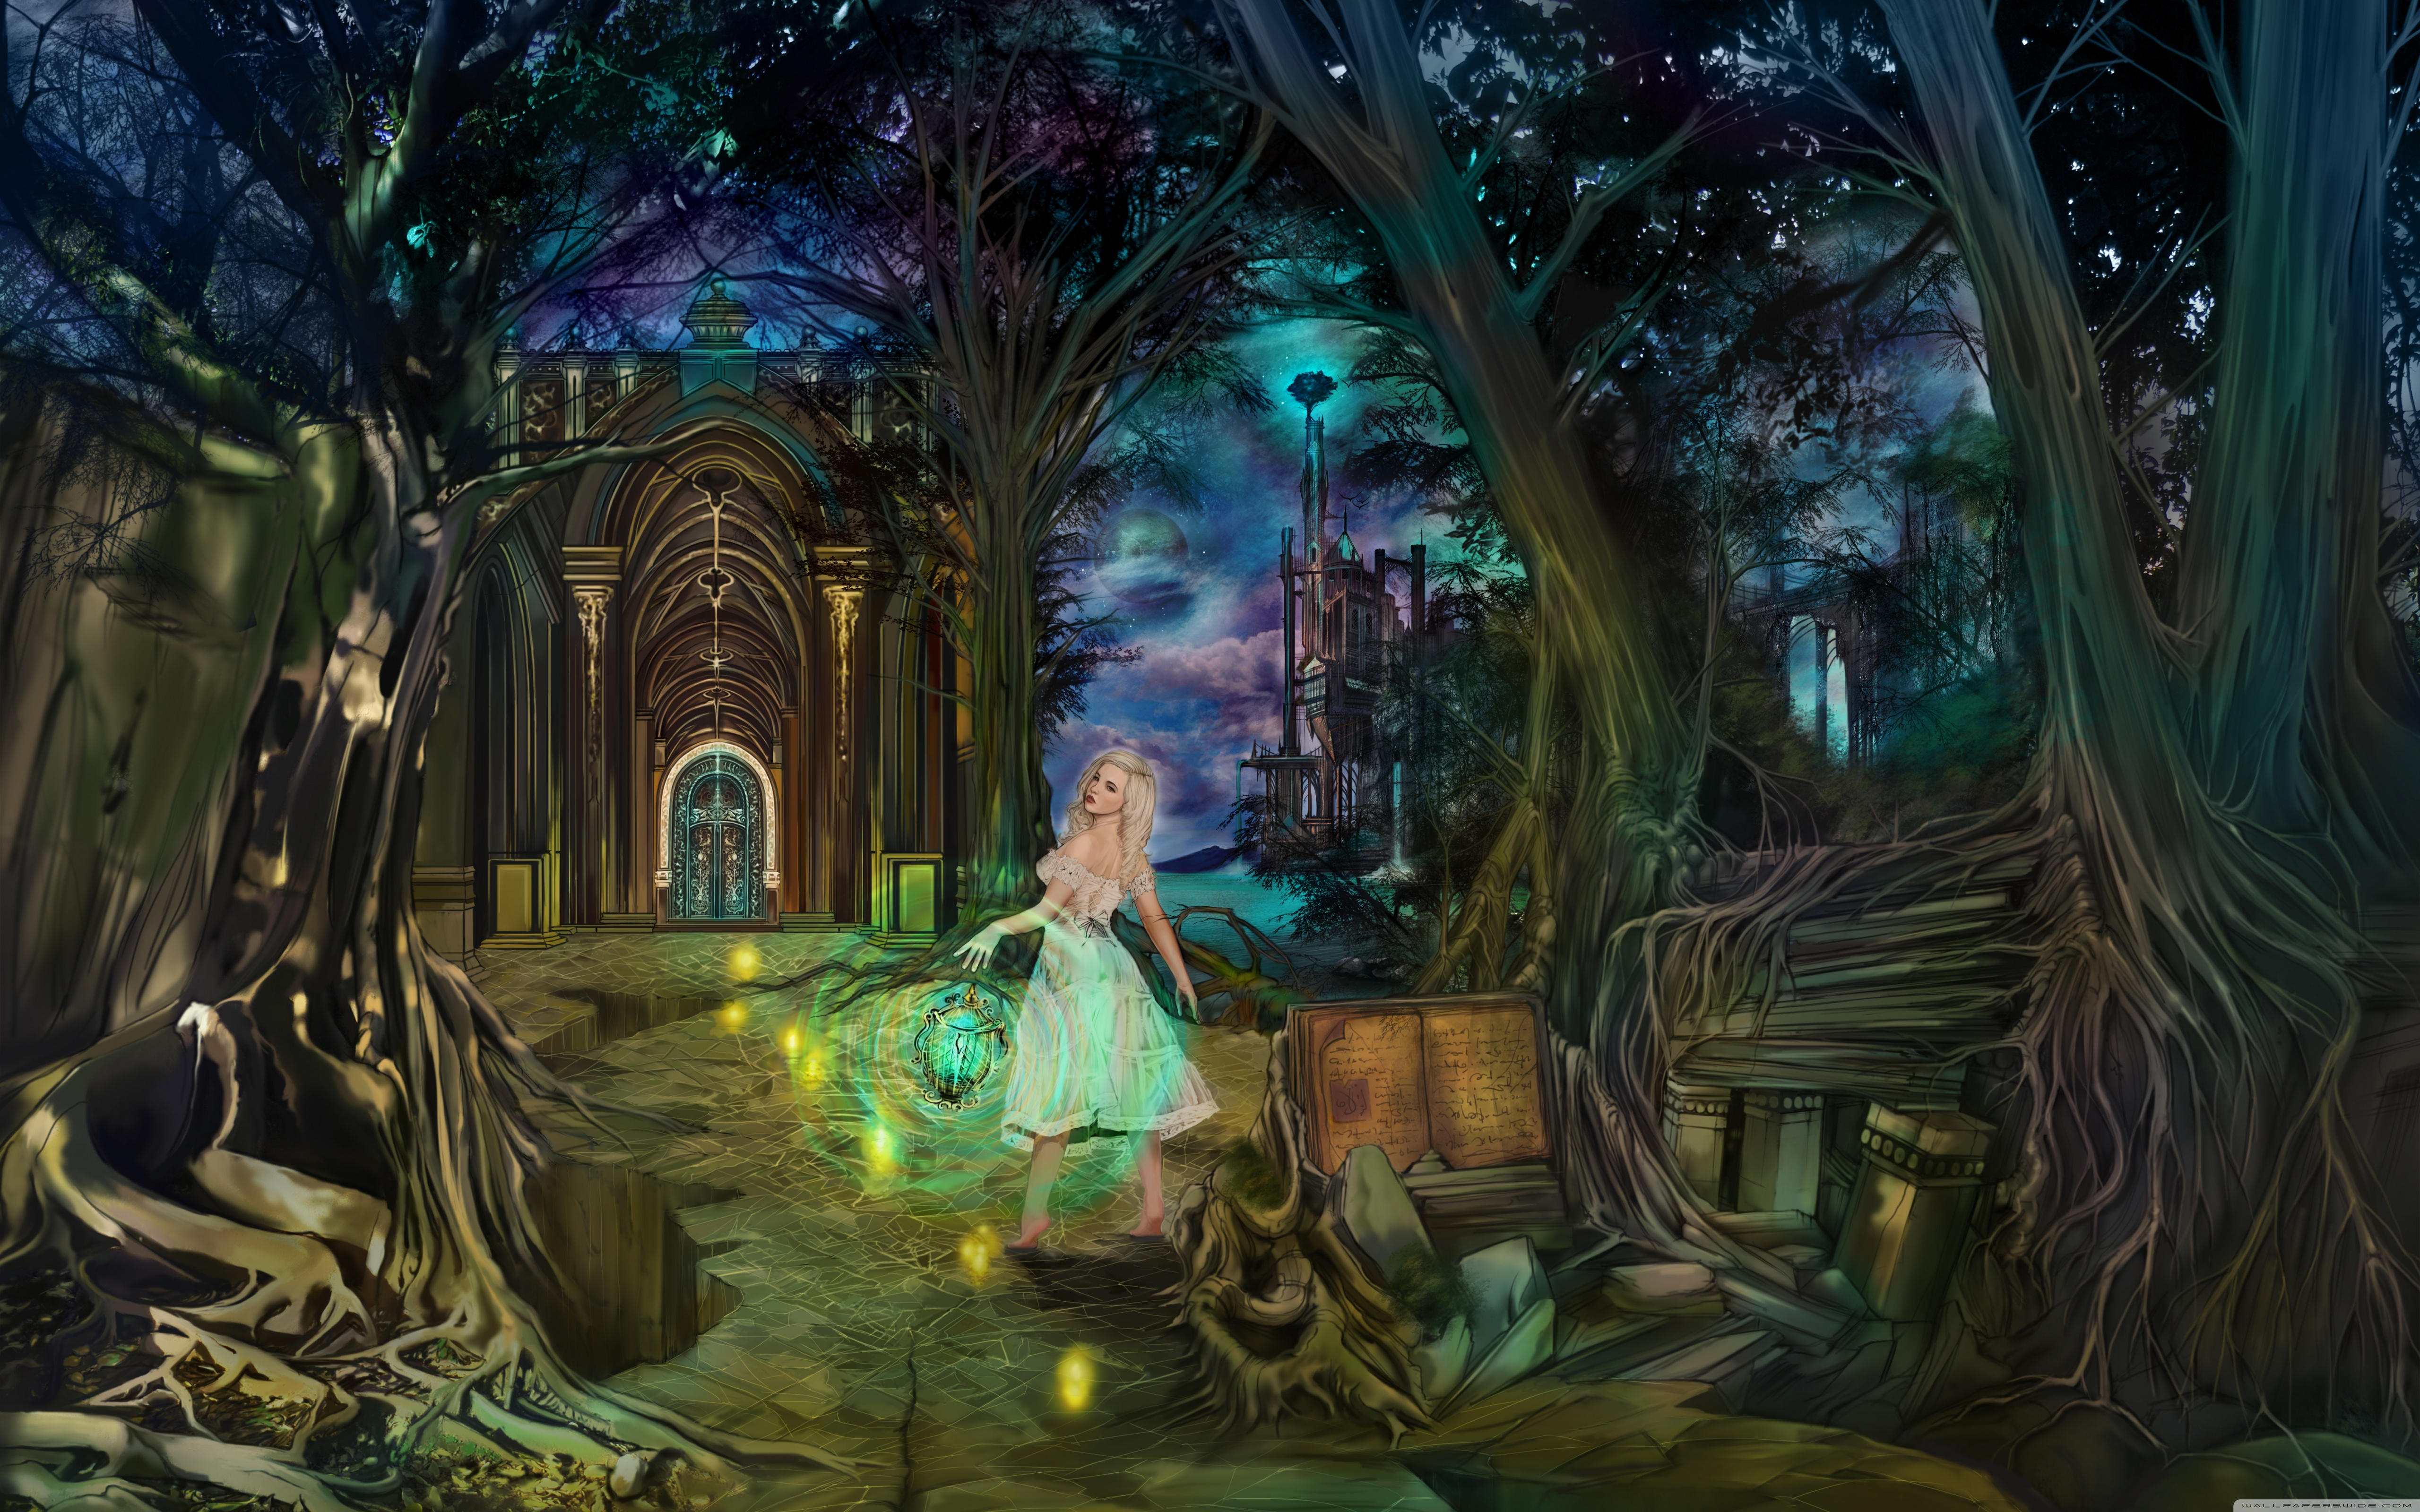 Fairytale Lady 4K HD Desktop Wallpaper For